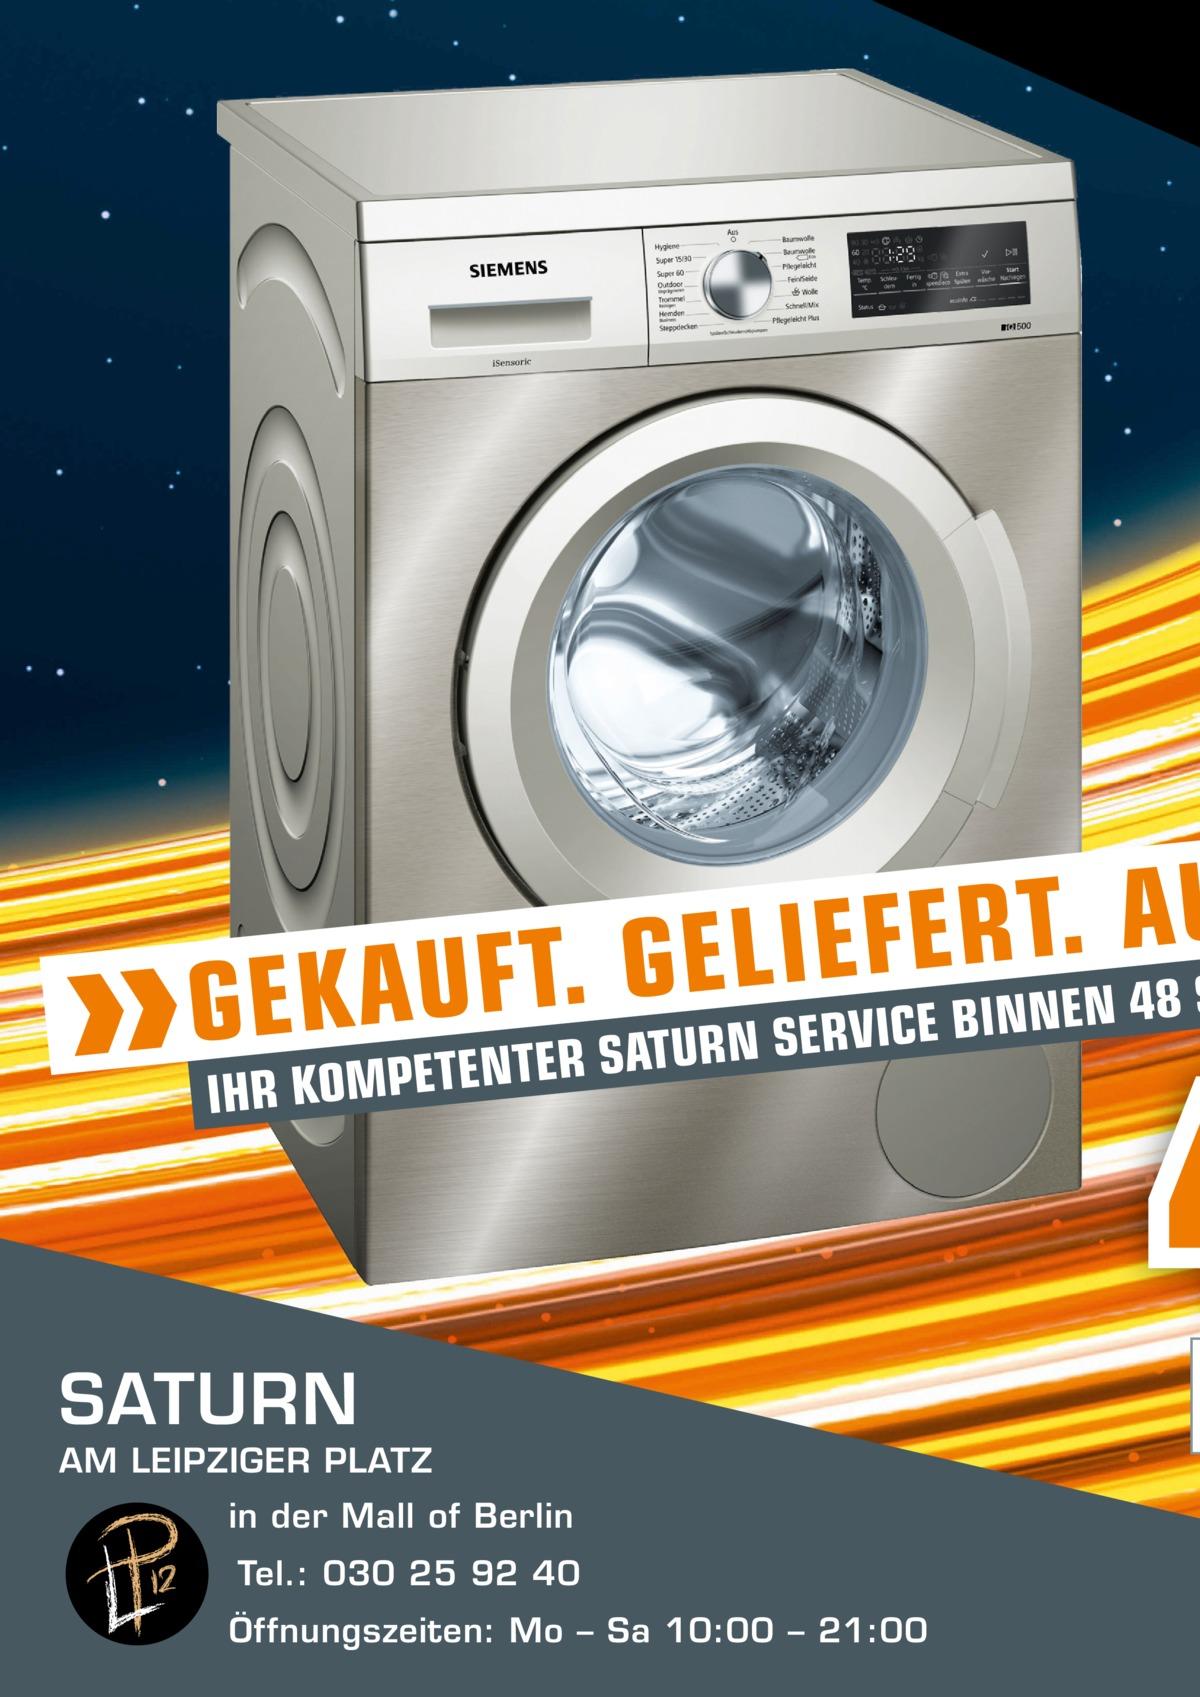 U A . T R E F E I L E G . T F S 8 U 4 A N E N K N I E B G PETENTER SATURN SERVICE IHR KOM  SATURN  AM LEIPZIGER PLATZ in der Mall of Berlin Tel.: 030 25 92 40 Öffnungszeiten: Mo – Sa 10:00 – 21:00 MALL OF BERLIN  4